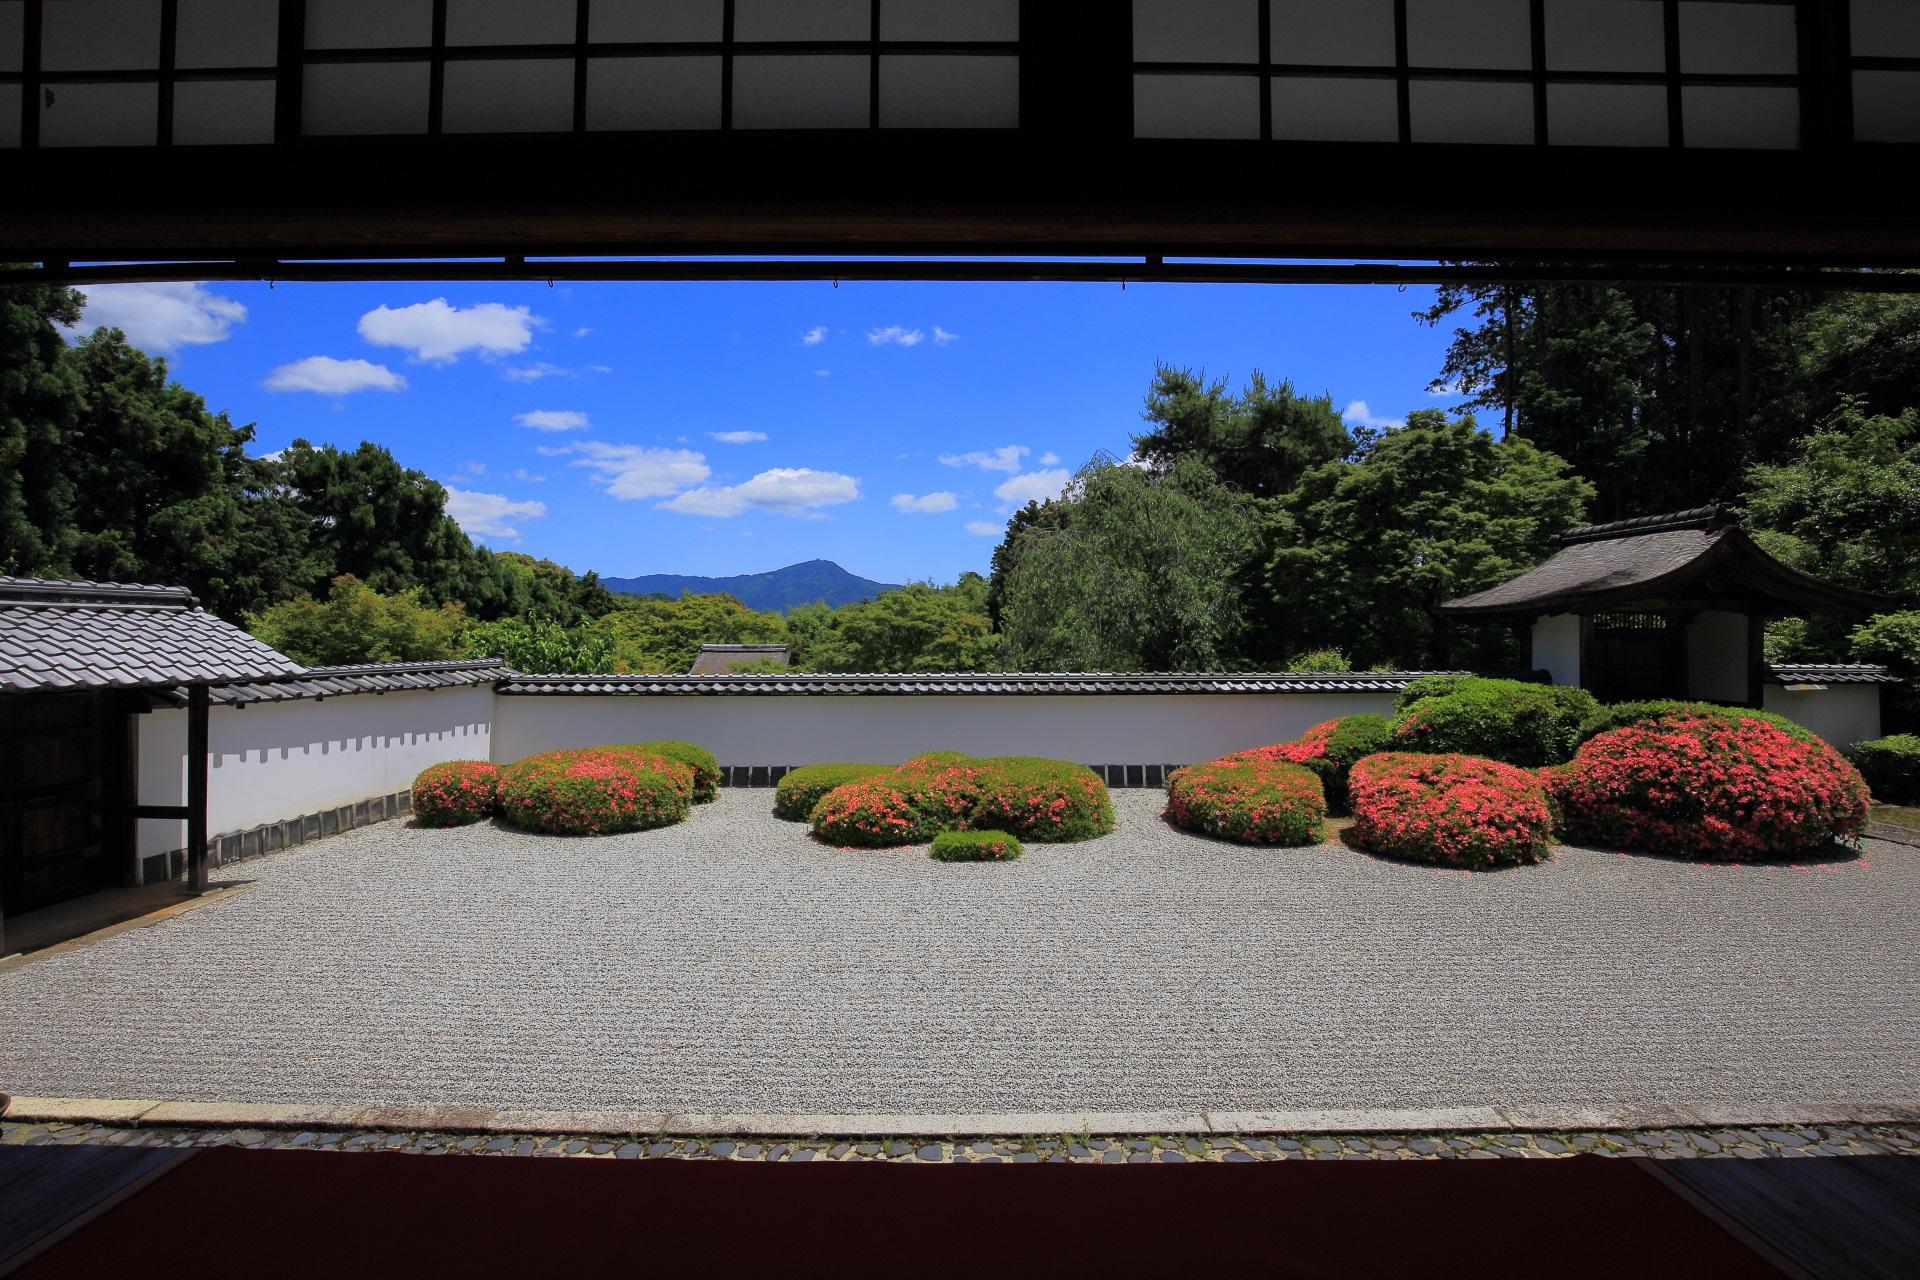 青い空と白い雲が演出する正伝寺の美しいサツキの庭園